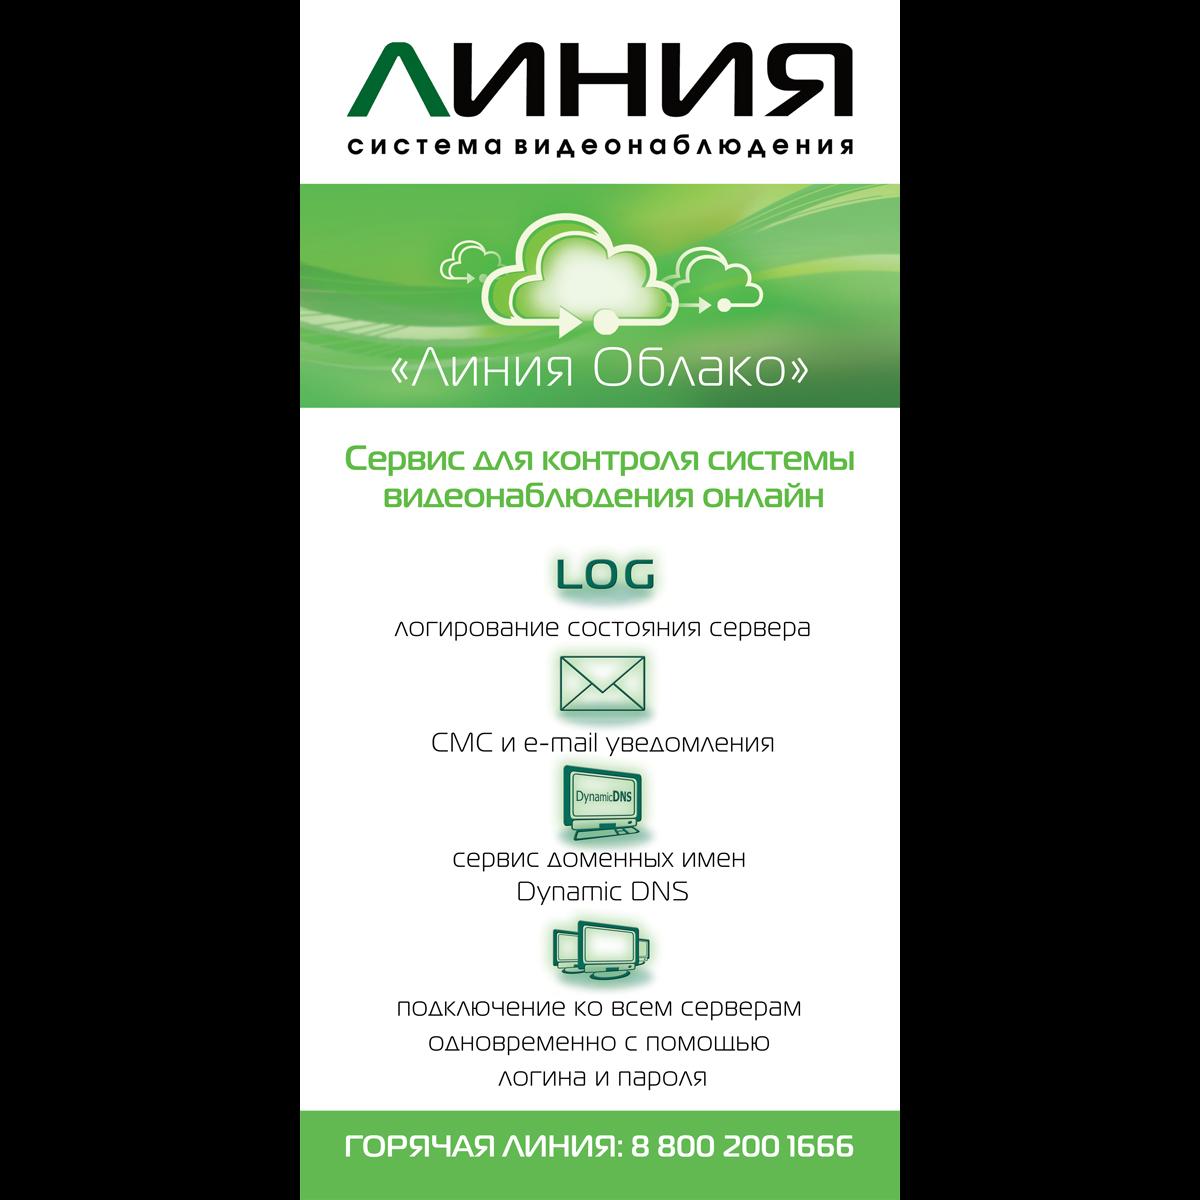 Коробочная версия лицензии Линия IP 32 для подключения 32 IP-видеокамер. Количество каналов: видео - 32, аудио - 32, до 25 к/с на канал.